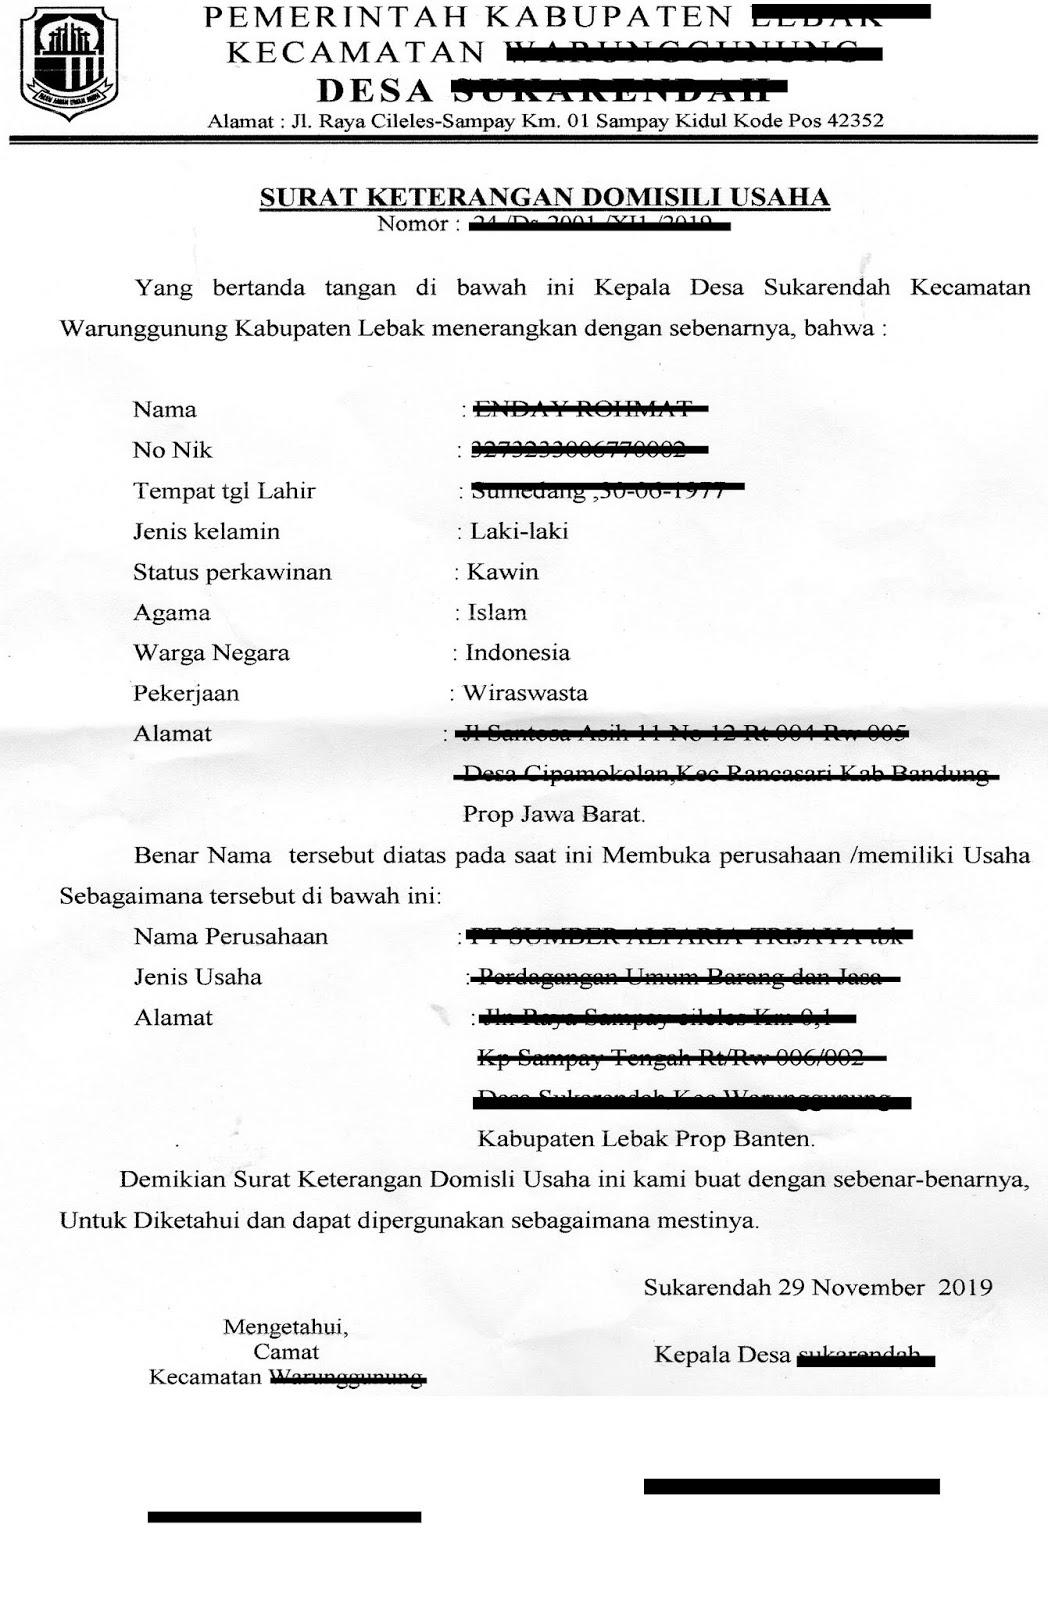 Contoh Surat Keterangan Domisili Usaha Husnuls492 Com